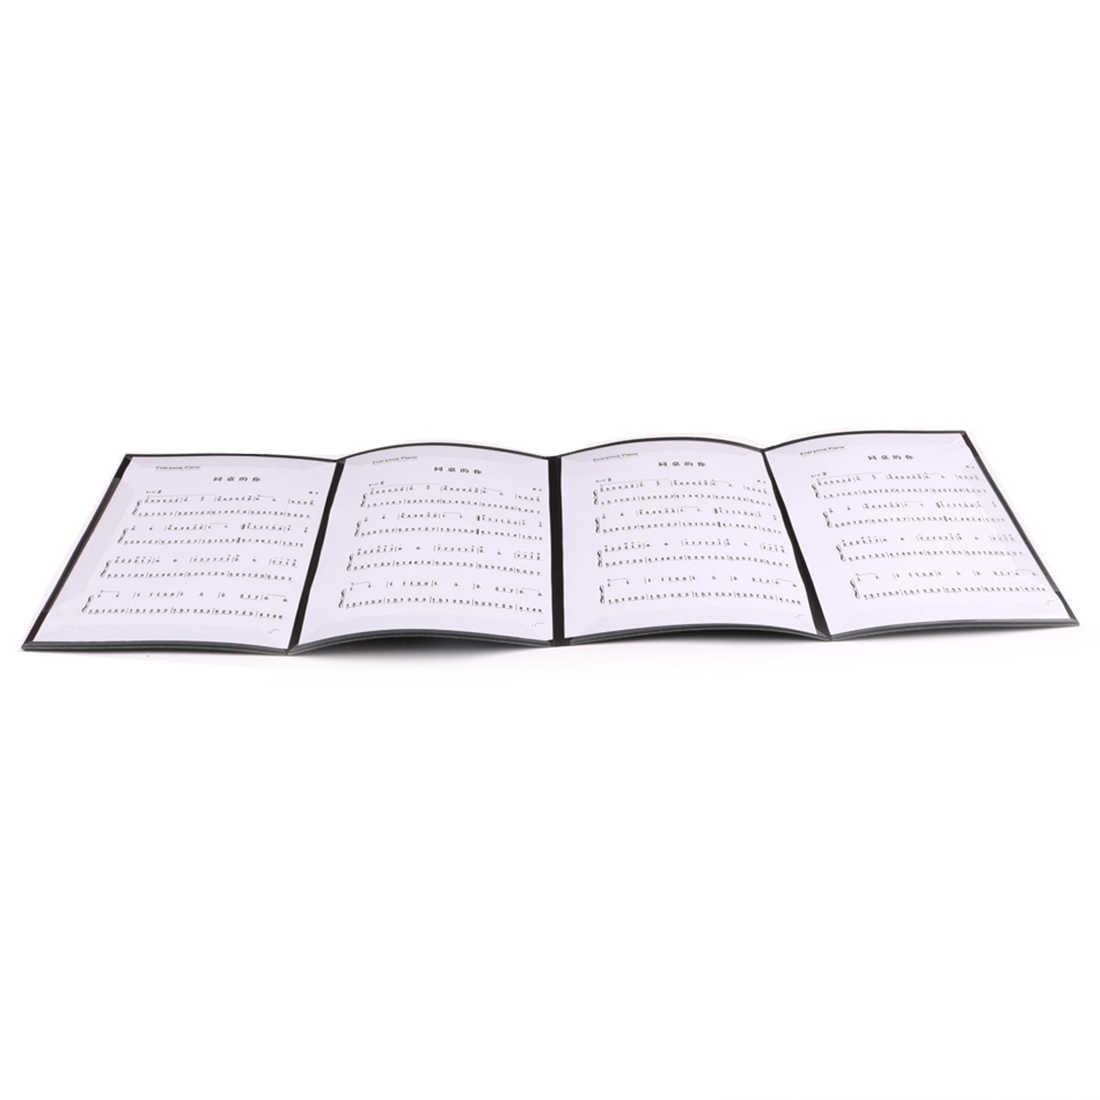 Нотная тетрадь папки фортепиано музыкальные клипы с тремя складками шесть страниц расширения